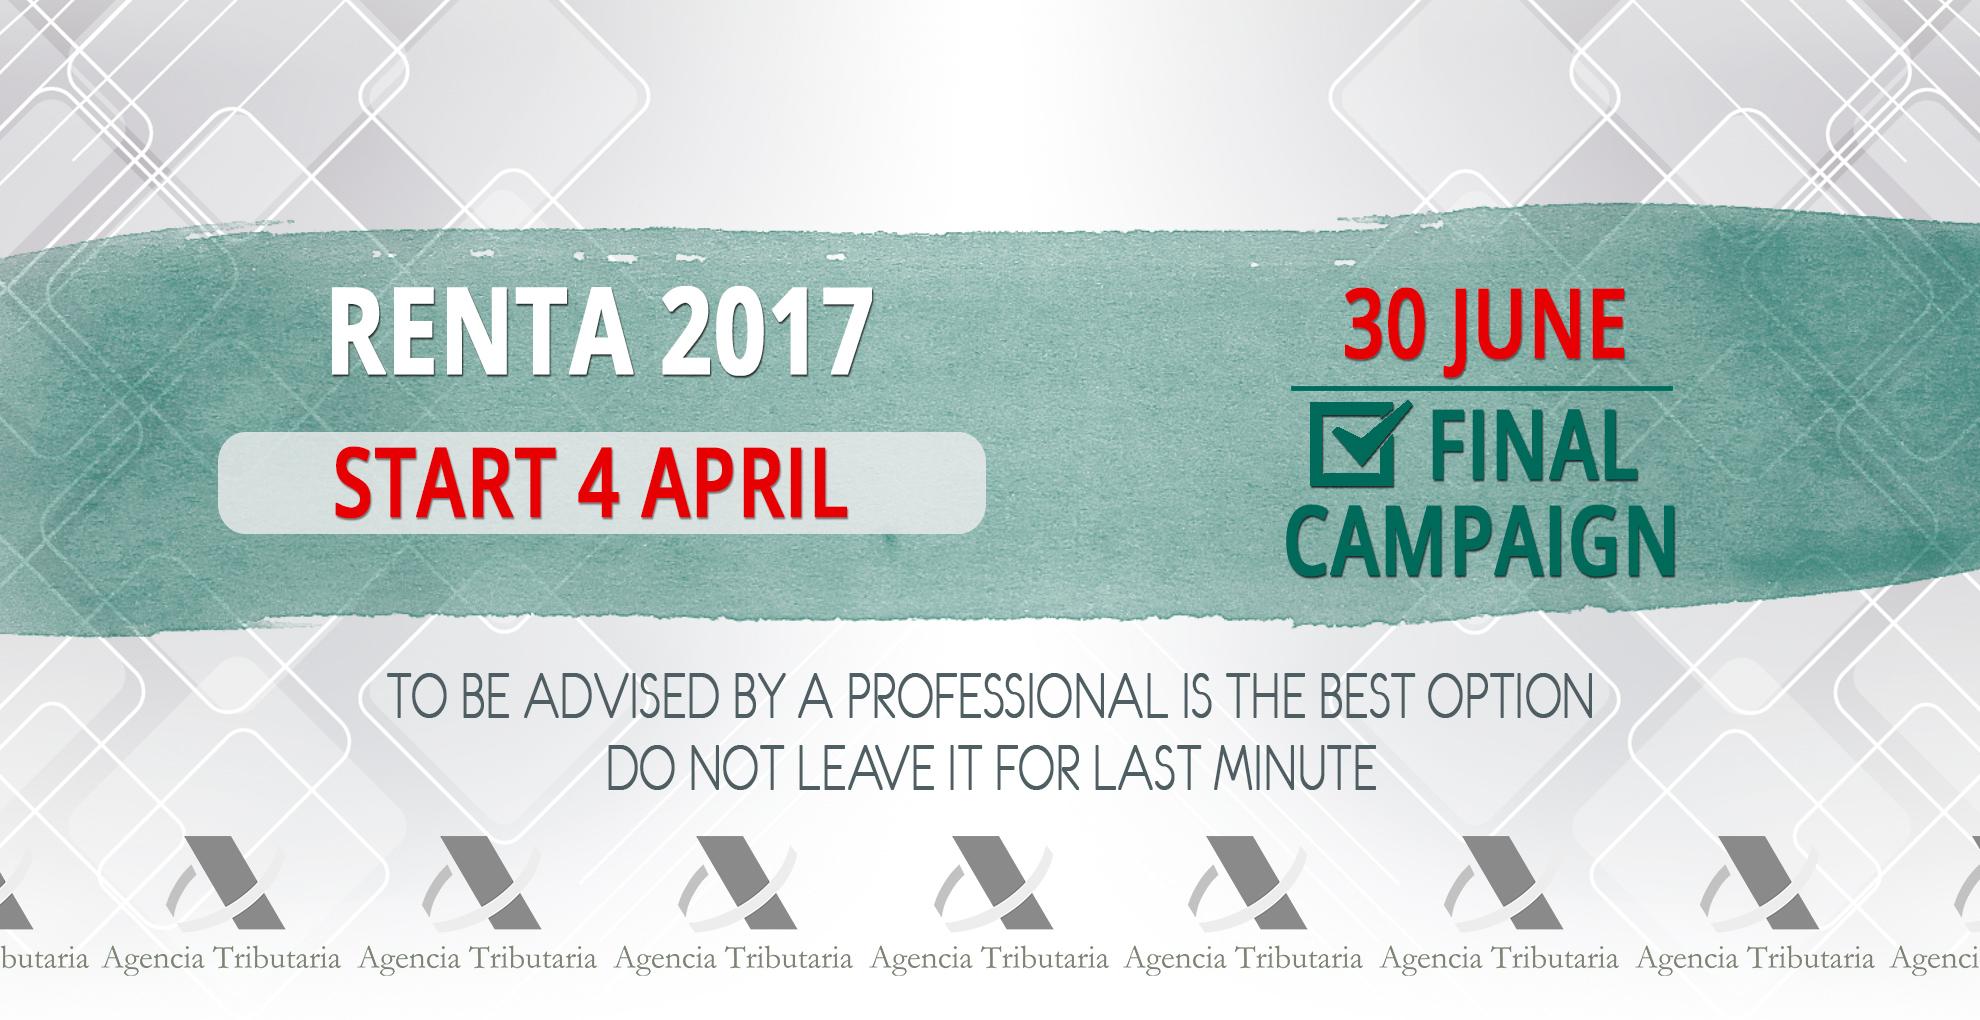 renta 2017 english